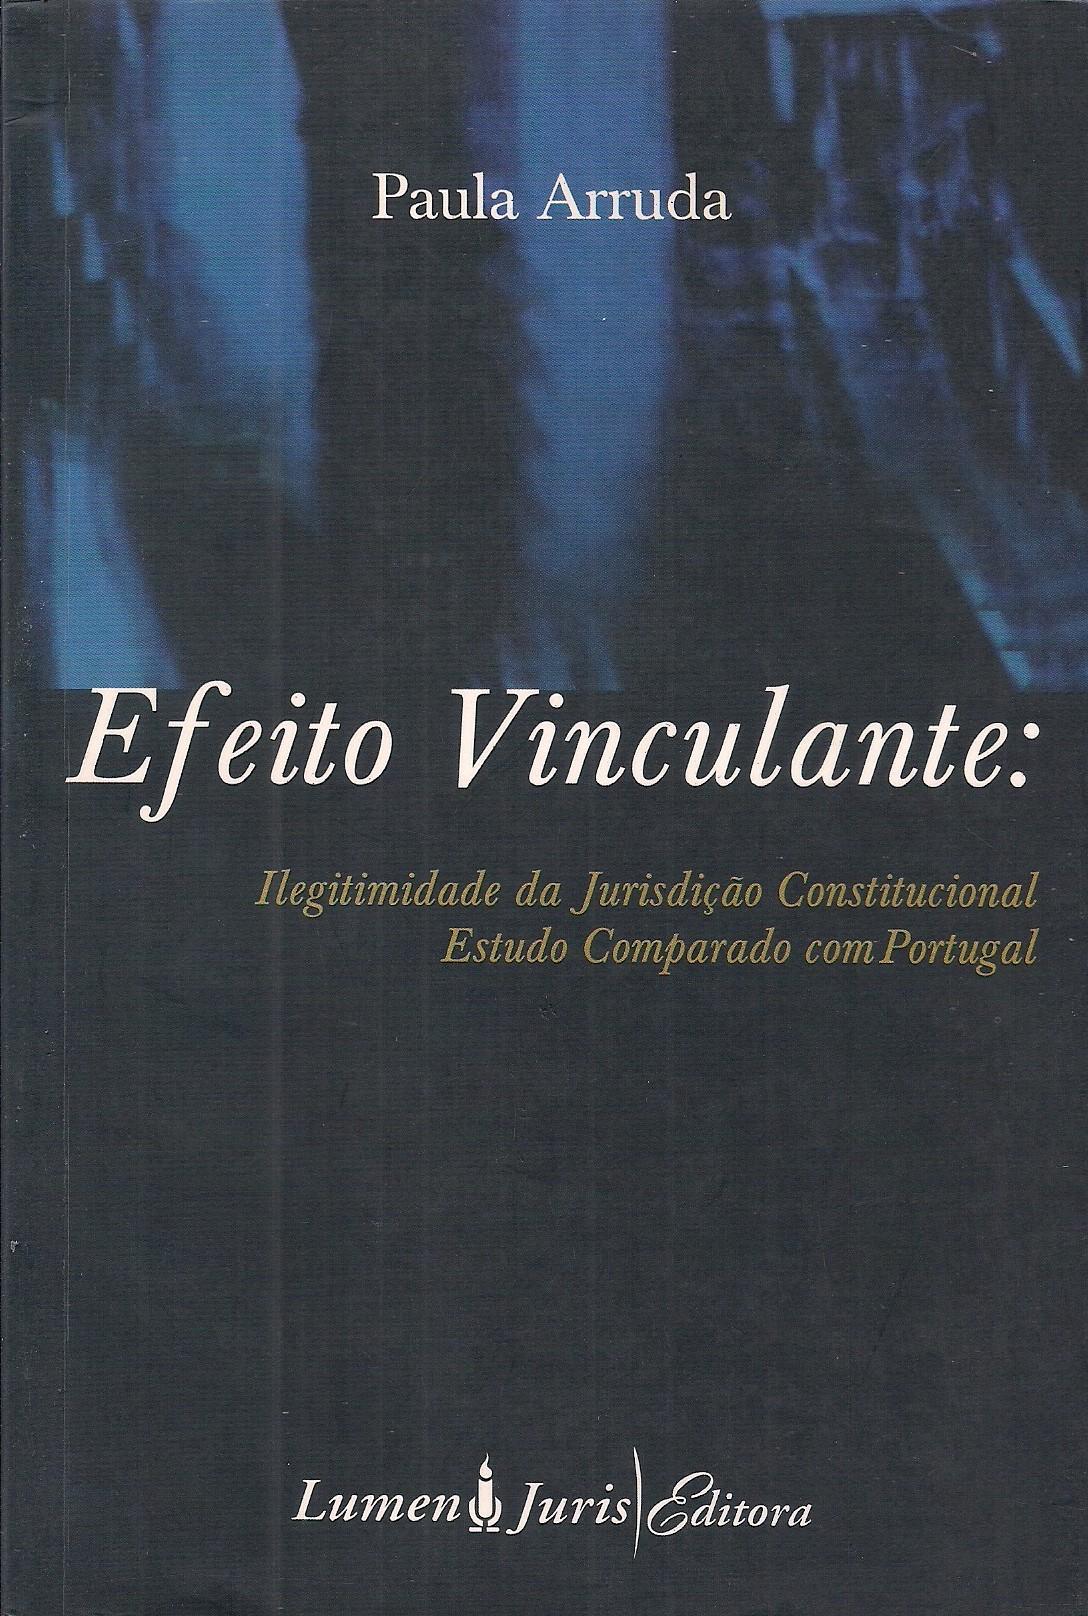 Foto 1 - Efeito Vinculante - Ilegitimidade da Jurisdição Constitucional - Estudo Comparado com Portugal